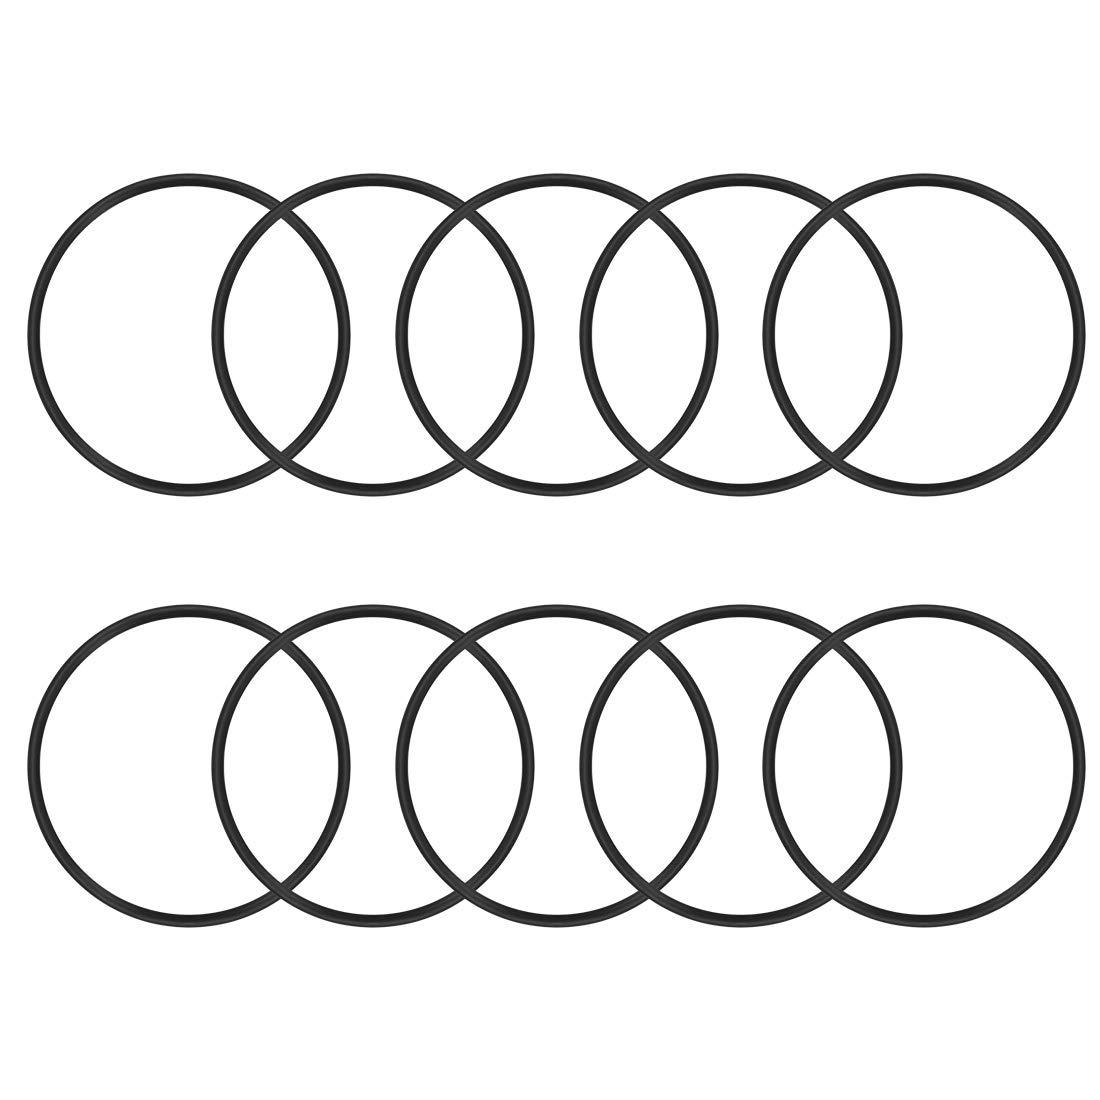 78 mm Au/ßendurchmesser 3,1 mm Breite 71,8 mm Innendurchmesser 10 St/ück Sourcing Map O-Ringe aus Nitrilkautschuk runde Dichtung